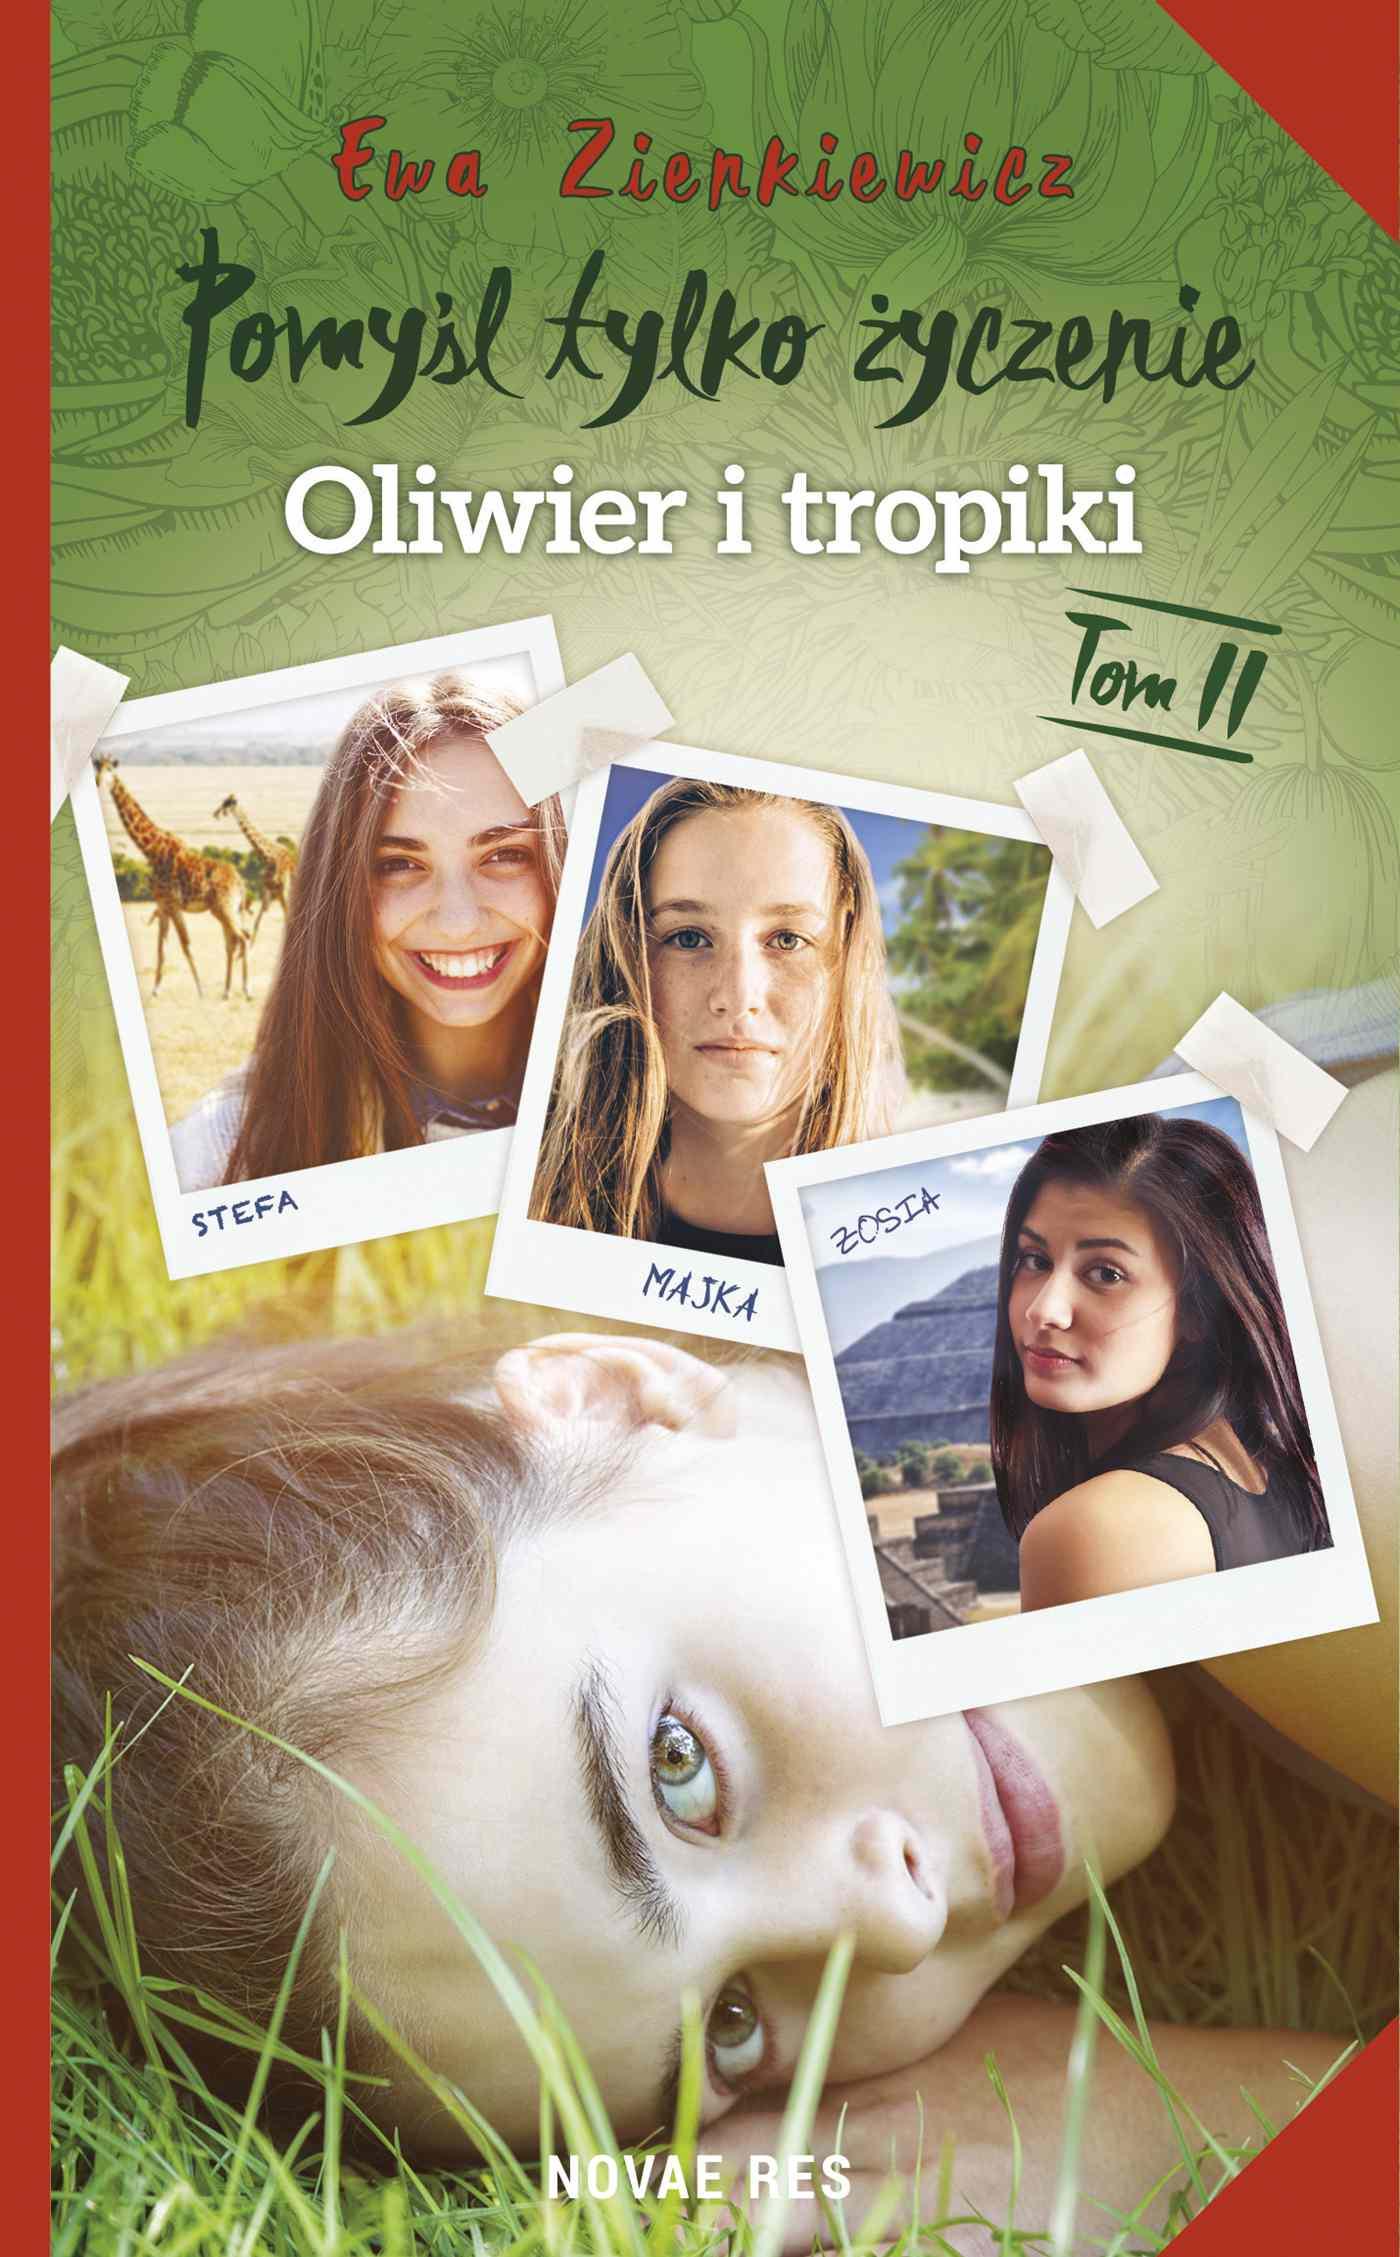 Pomyśl tylko życzenie. Tom II. Oliwier i tropiki - Ebook (Książka EPUB) do pobrania w formacie EPUB